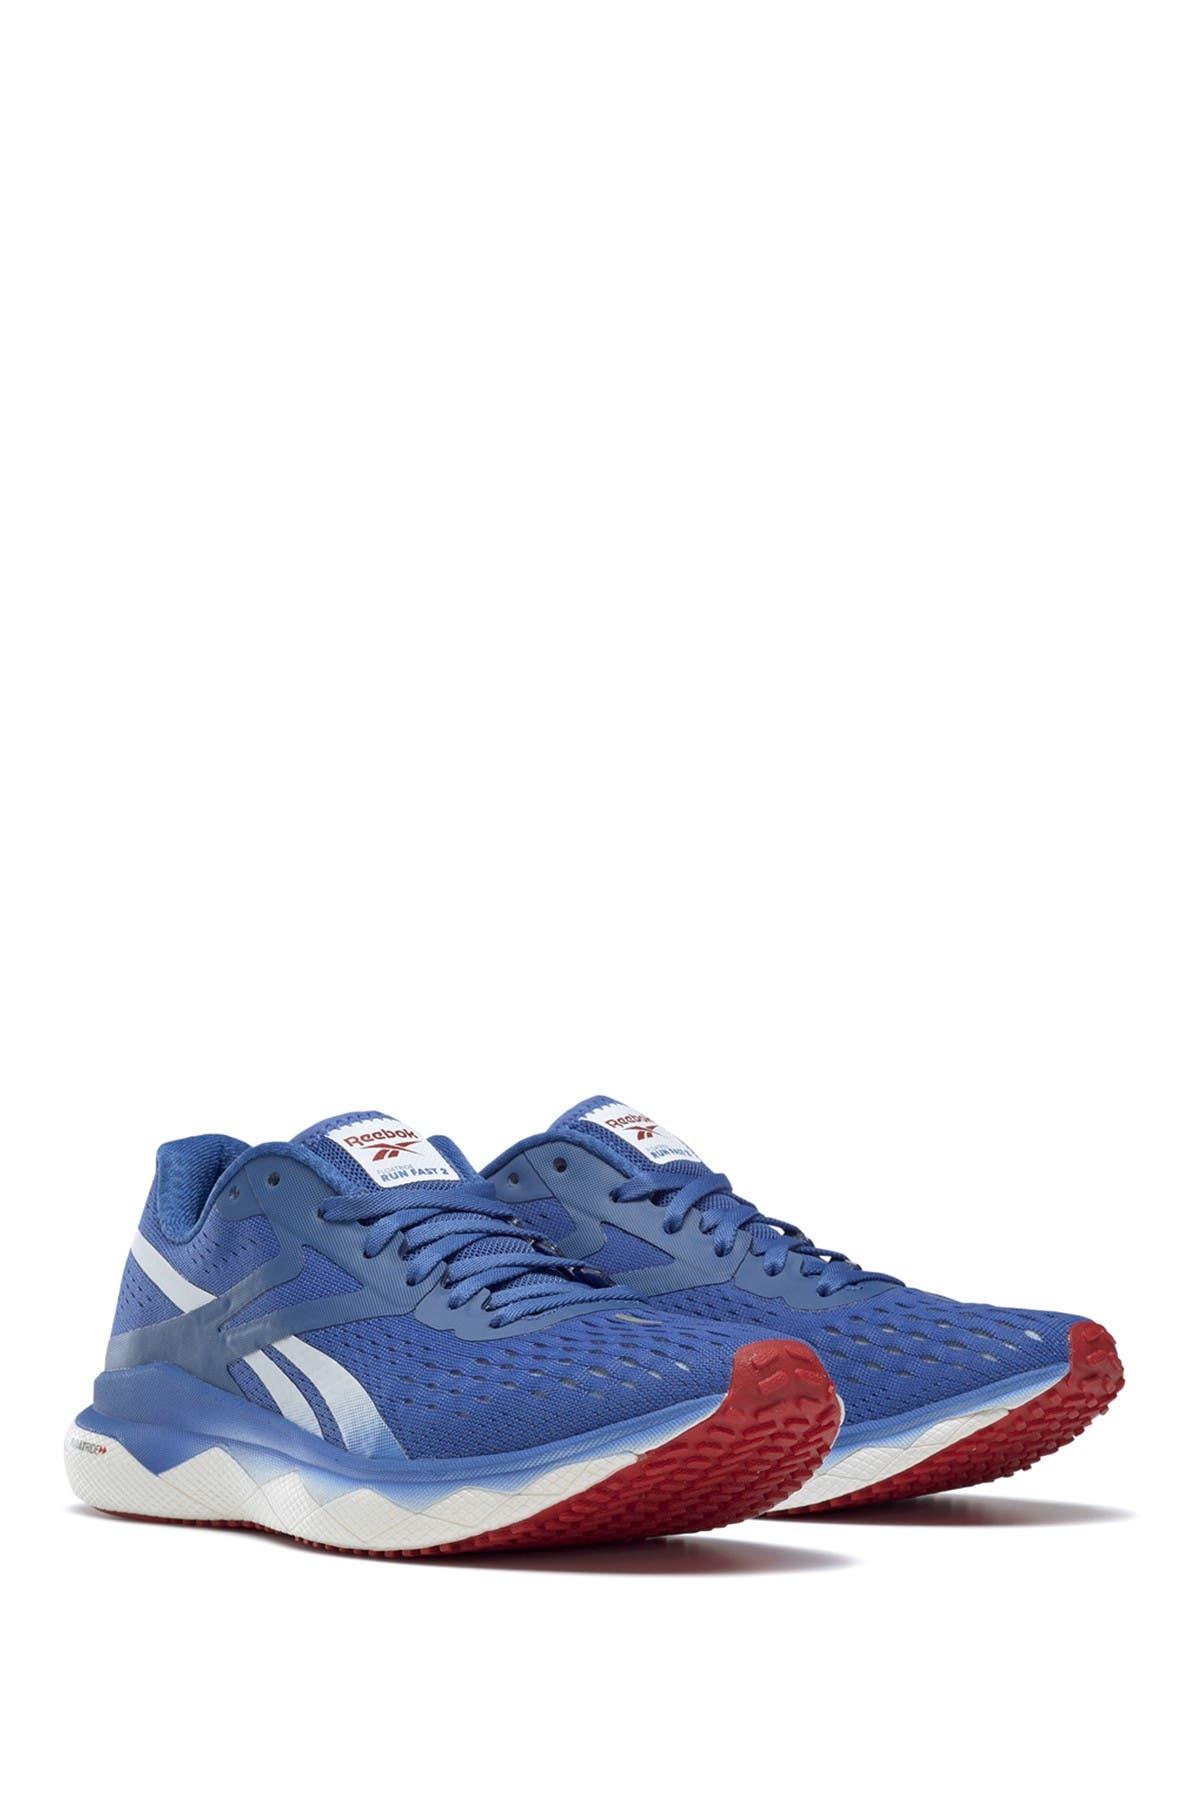 Image of Reebok Floatride Run Fast 2.0 Sneaker